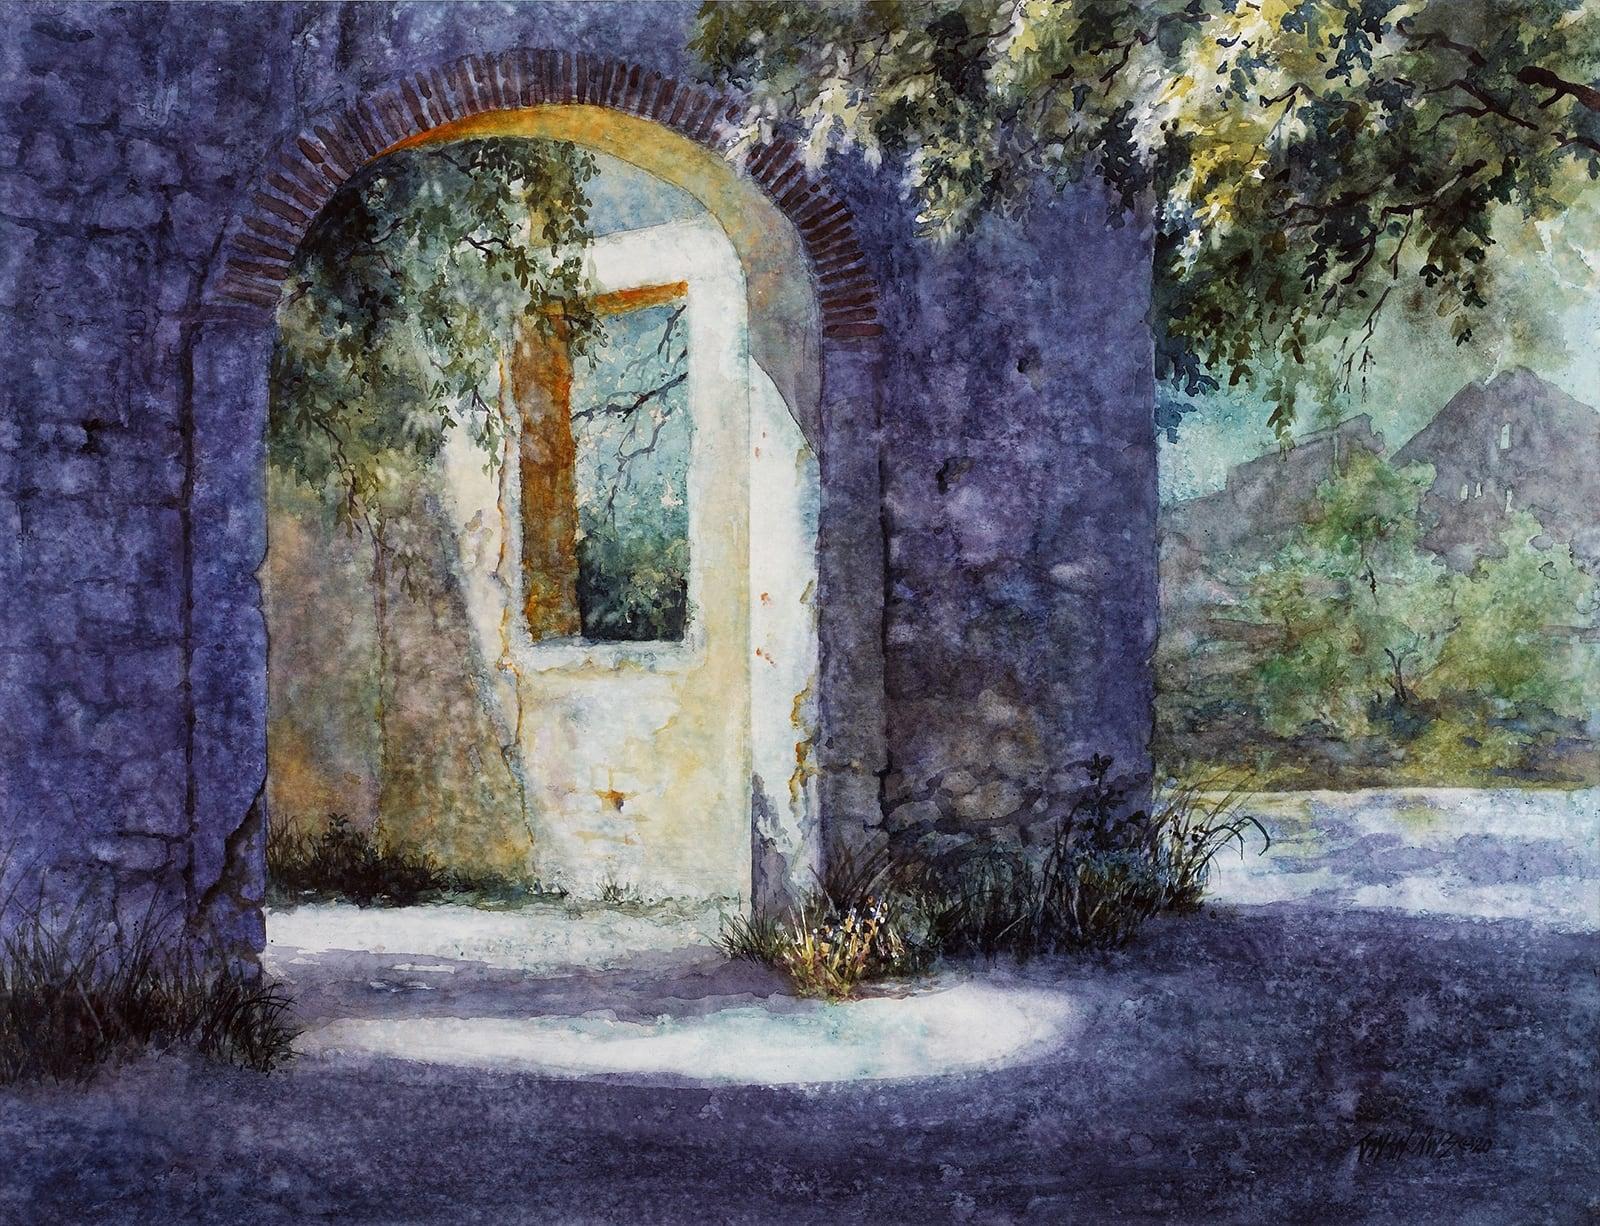 Sol Y Sombra-Posos, Mexico-Gwendolyn C Bragg